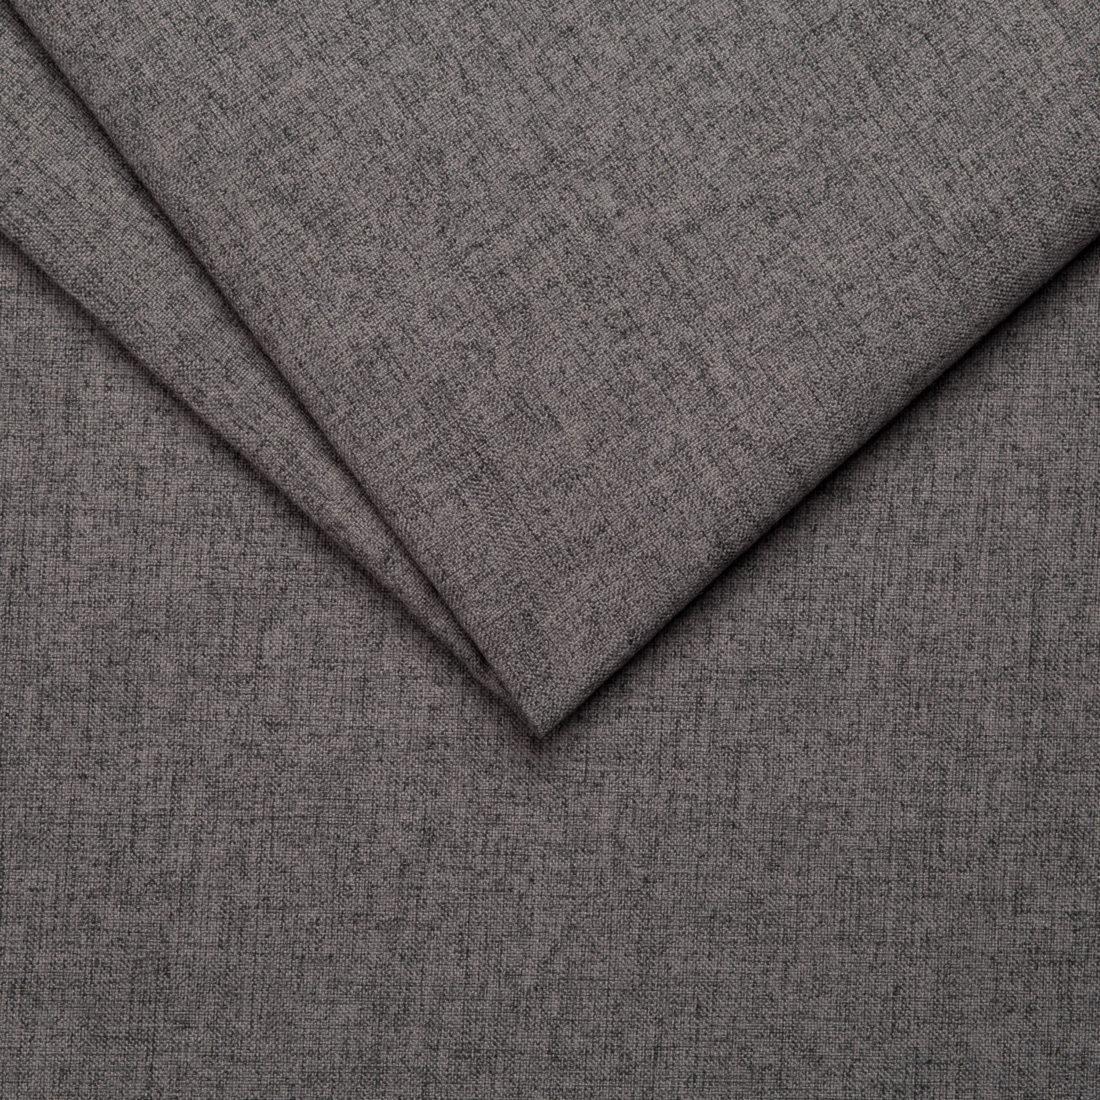 Мебельная ткань Cashmere 4 Stone, рогожка